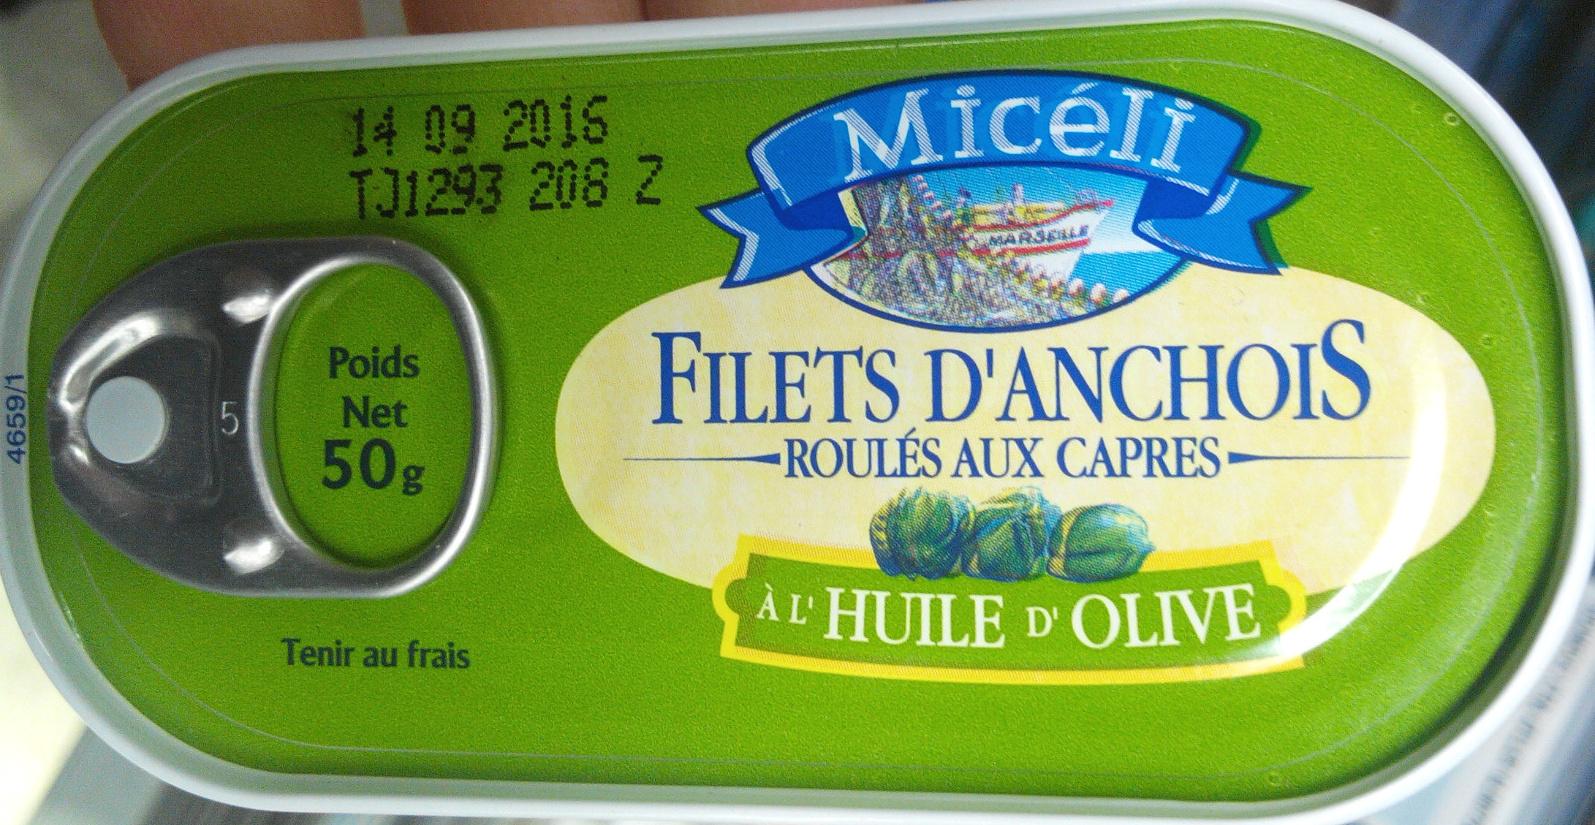 Filets d'anchois roulés aux câpres à l'huile d'olive - Product